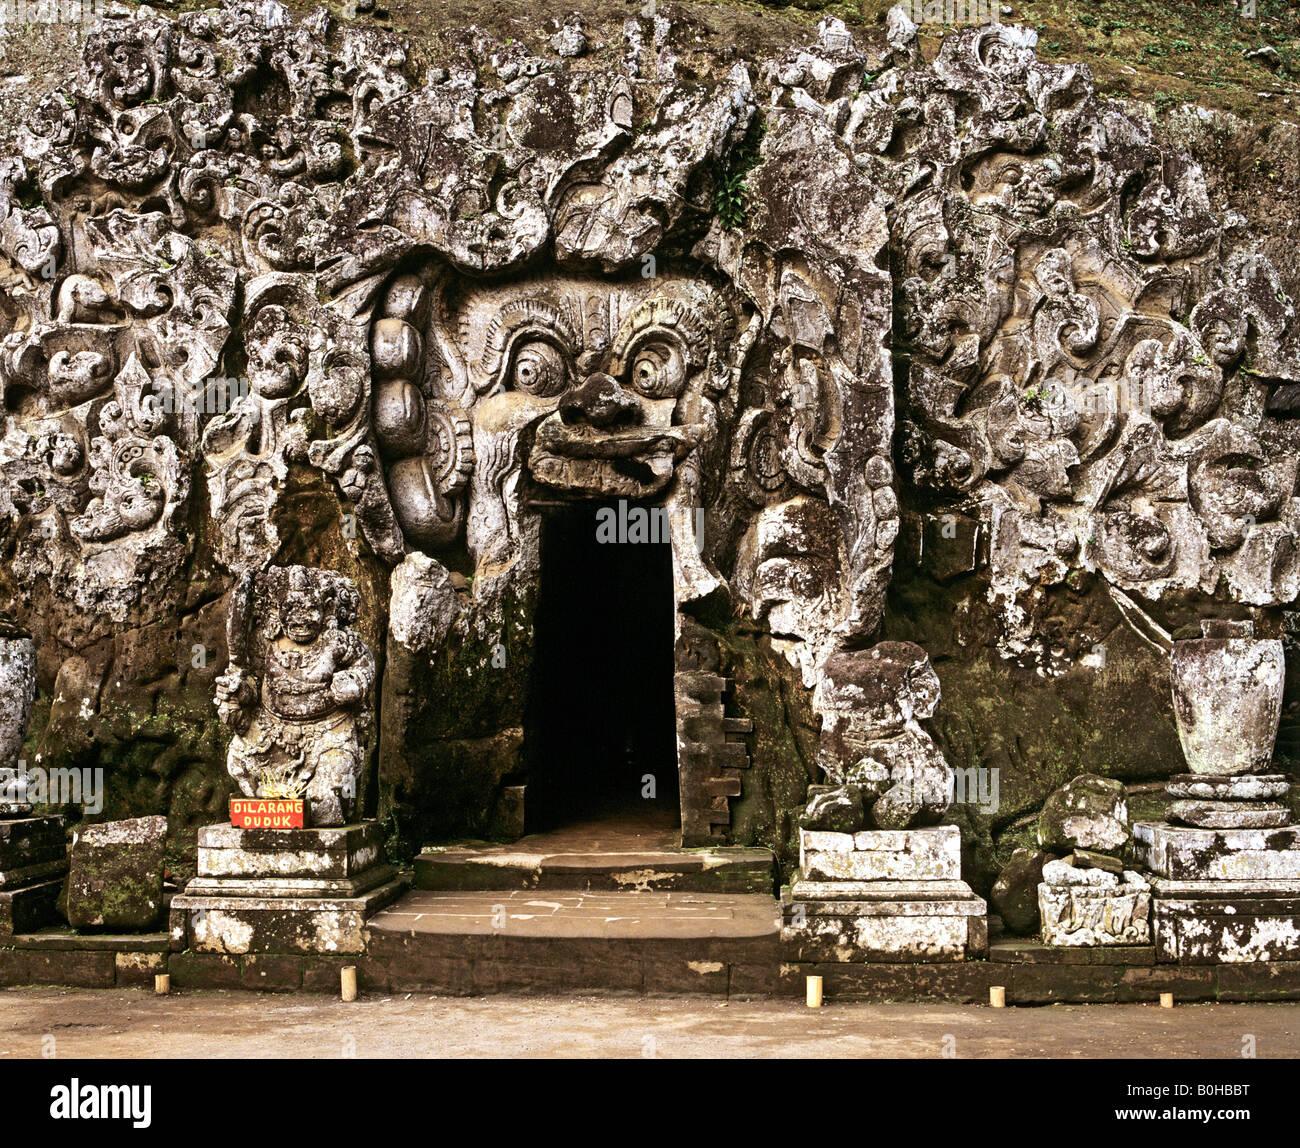 Indonesischer Amor Bali